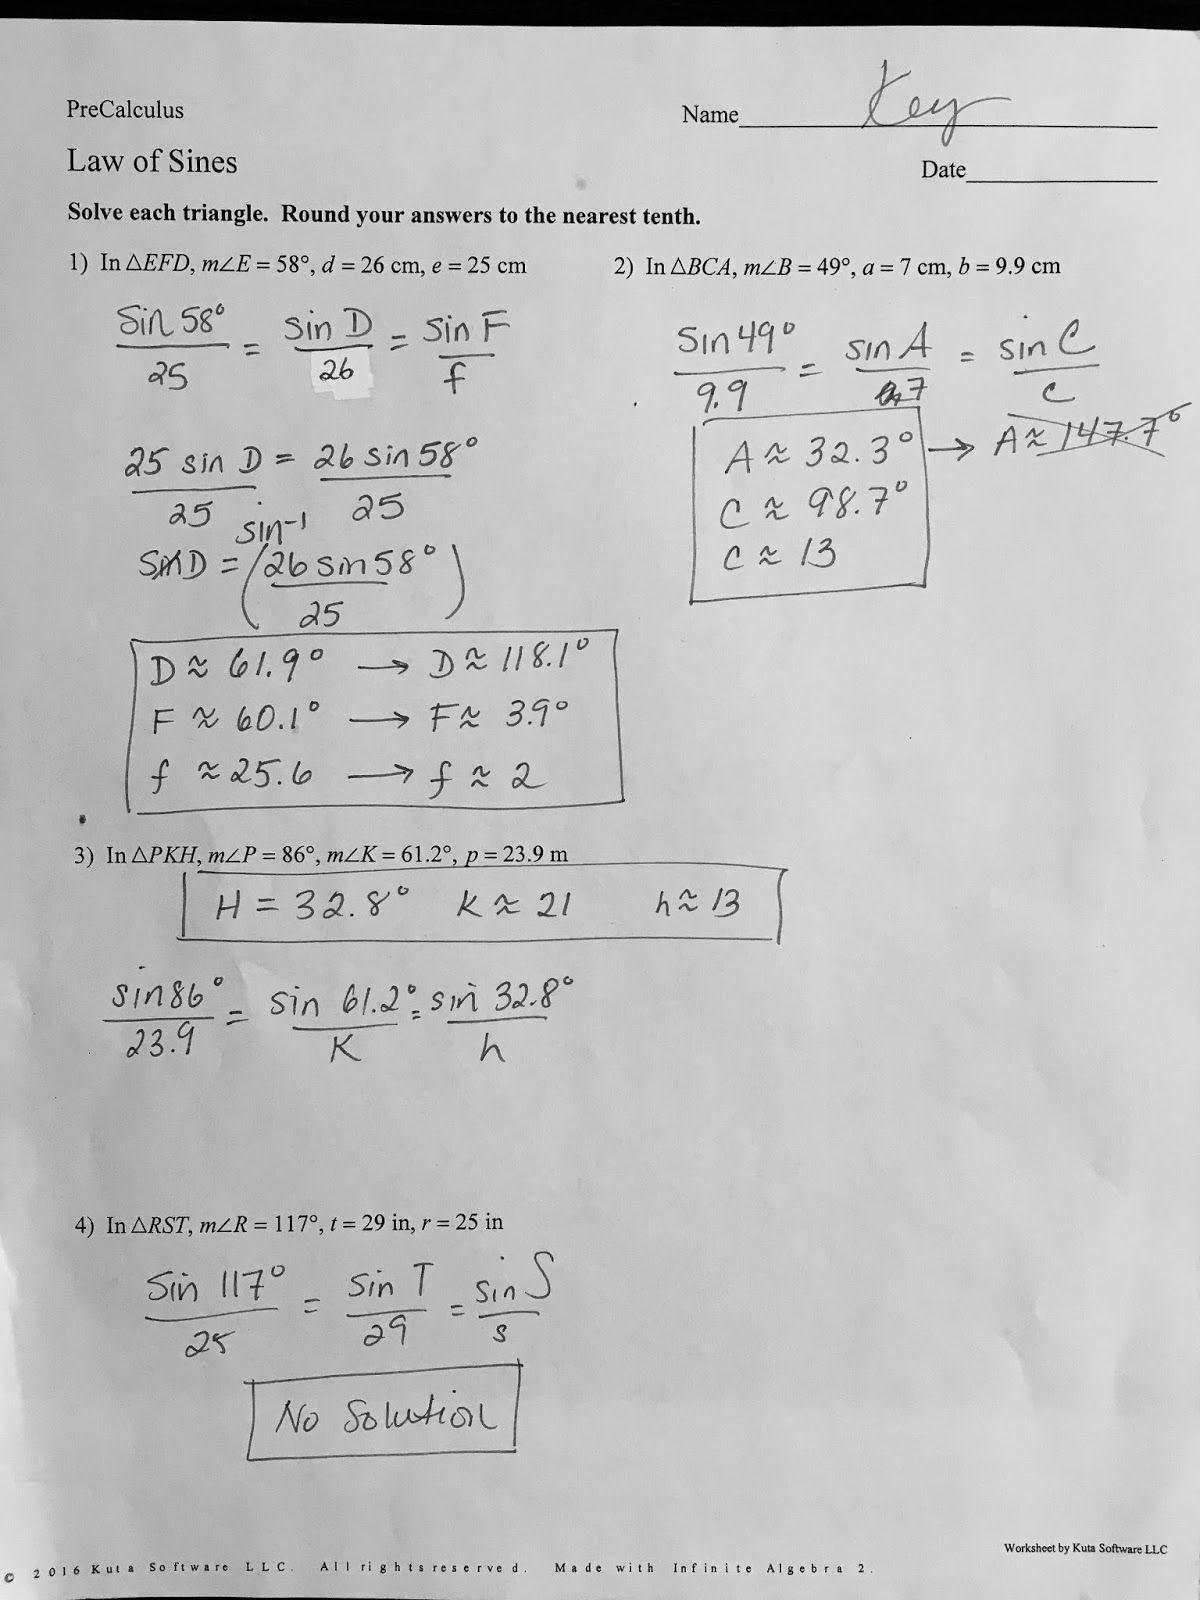 Precalculus 441 Solving Trigonometric Equations Worksheets Answers Precalculus Trigonometry Worksheets Math Review Worksheets [ 1600 x 1200 Pixel ]